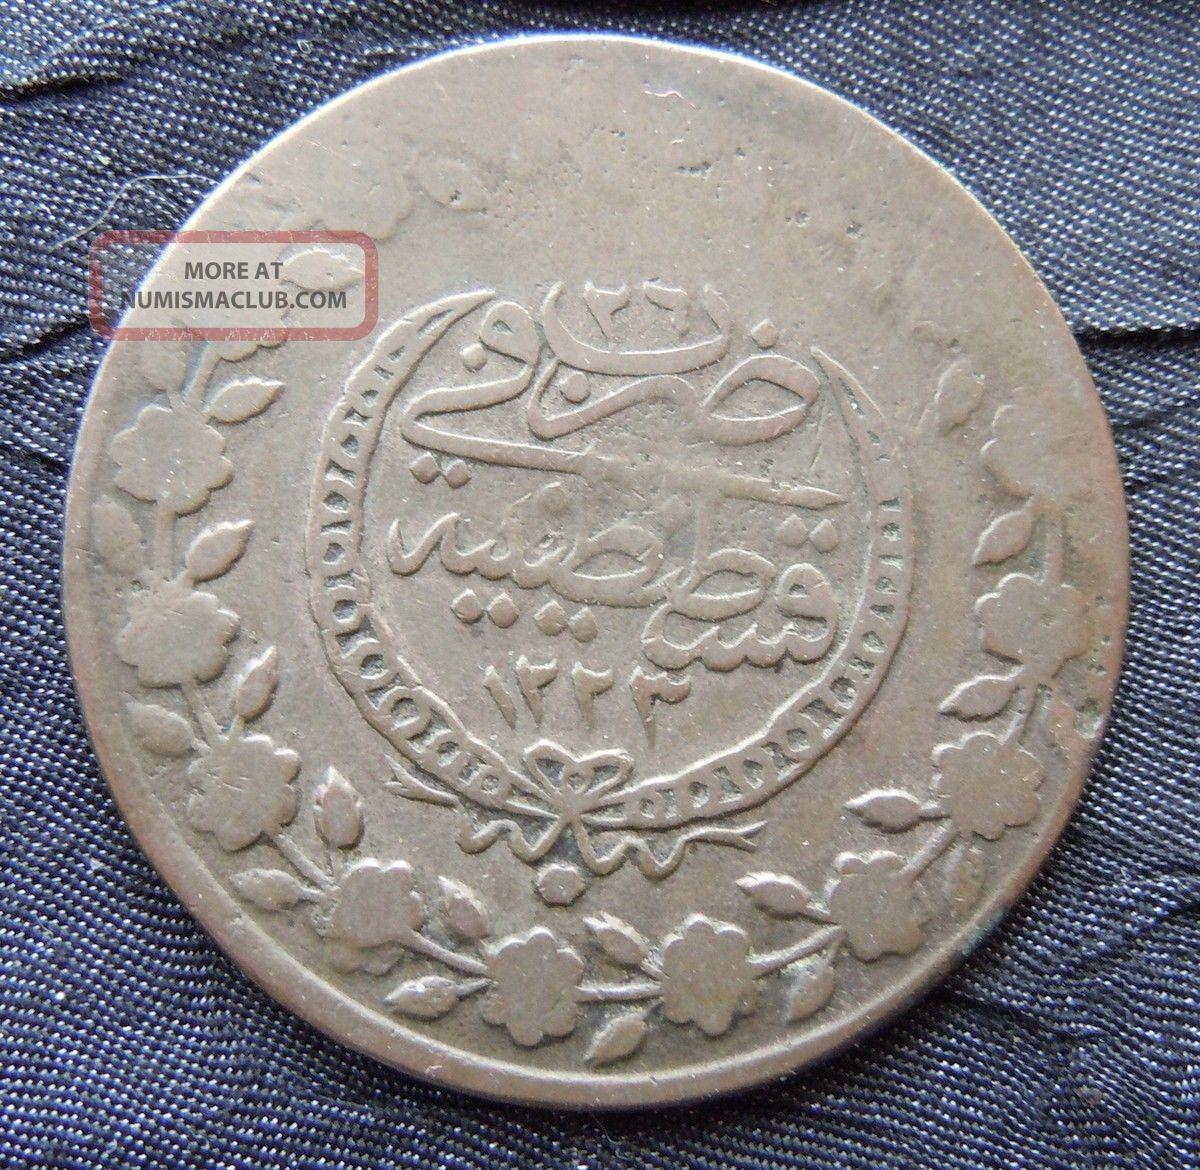 Iraq Ottoman Turkey 5 Piastres Coin 1223 Ah Year 26